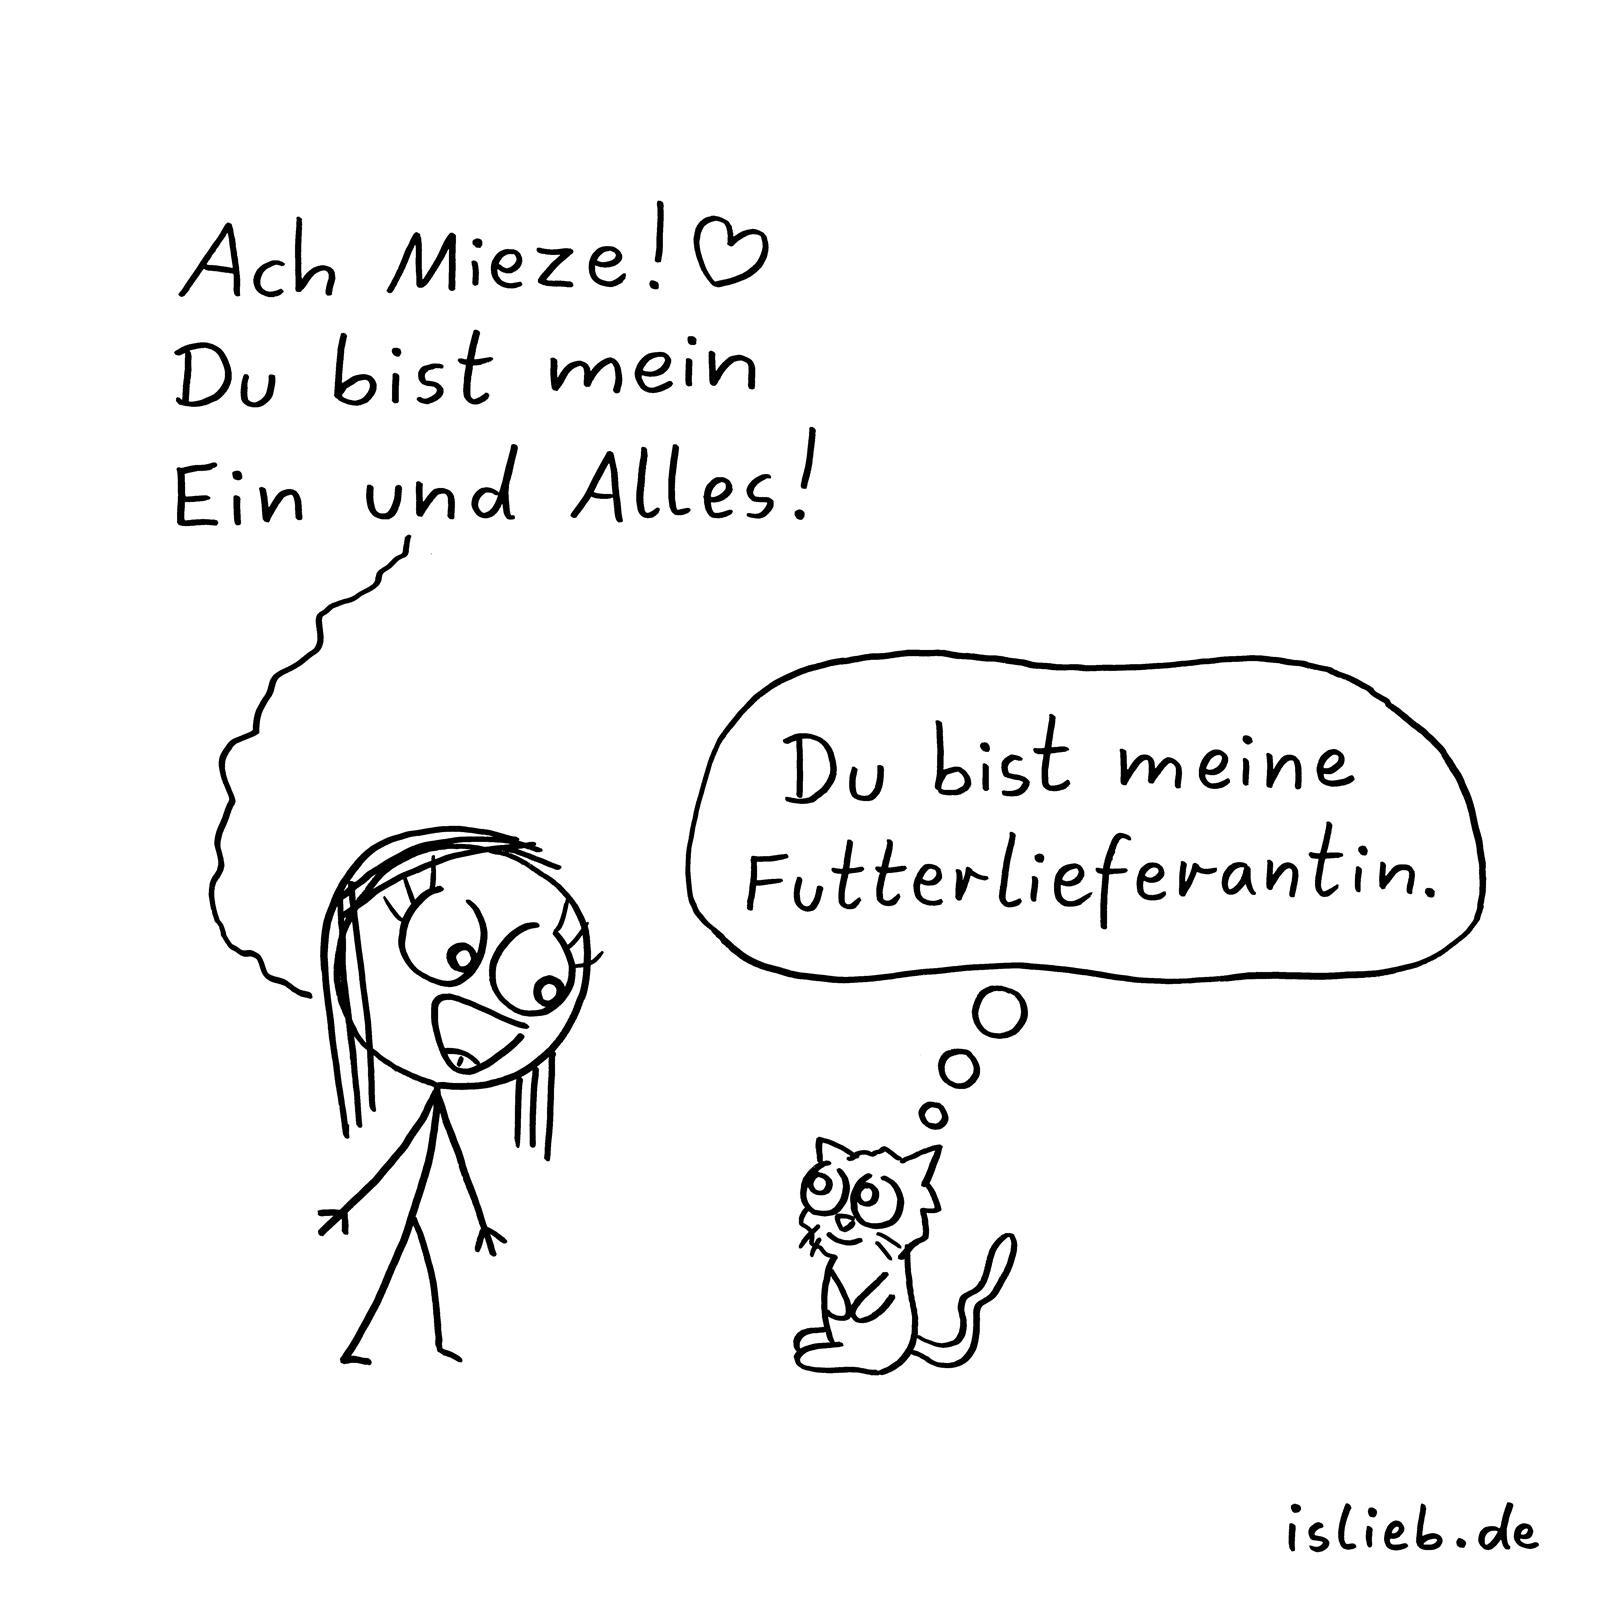 Katze #katzen #comic #islieb (Mit Bildern) | Katzen Zitate bestimmt für Katzenbilder Comic